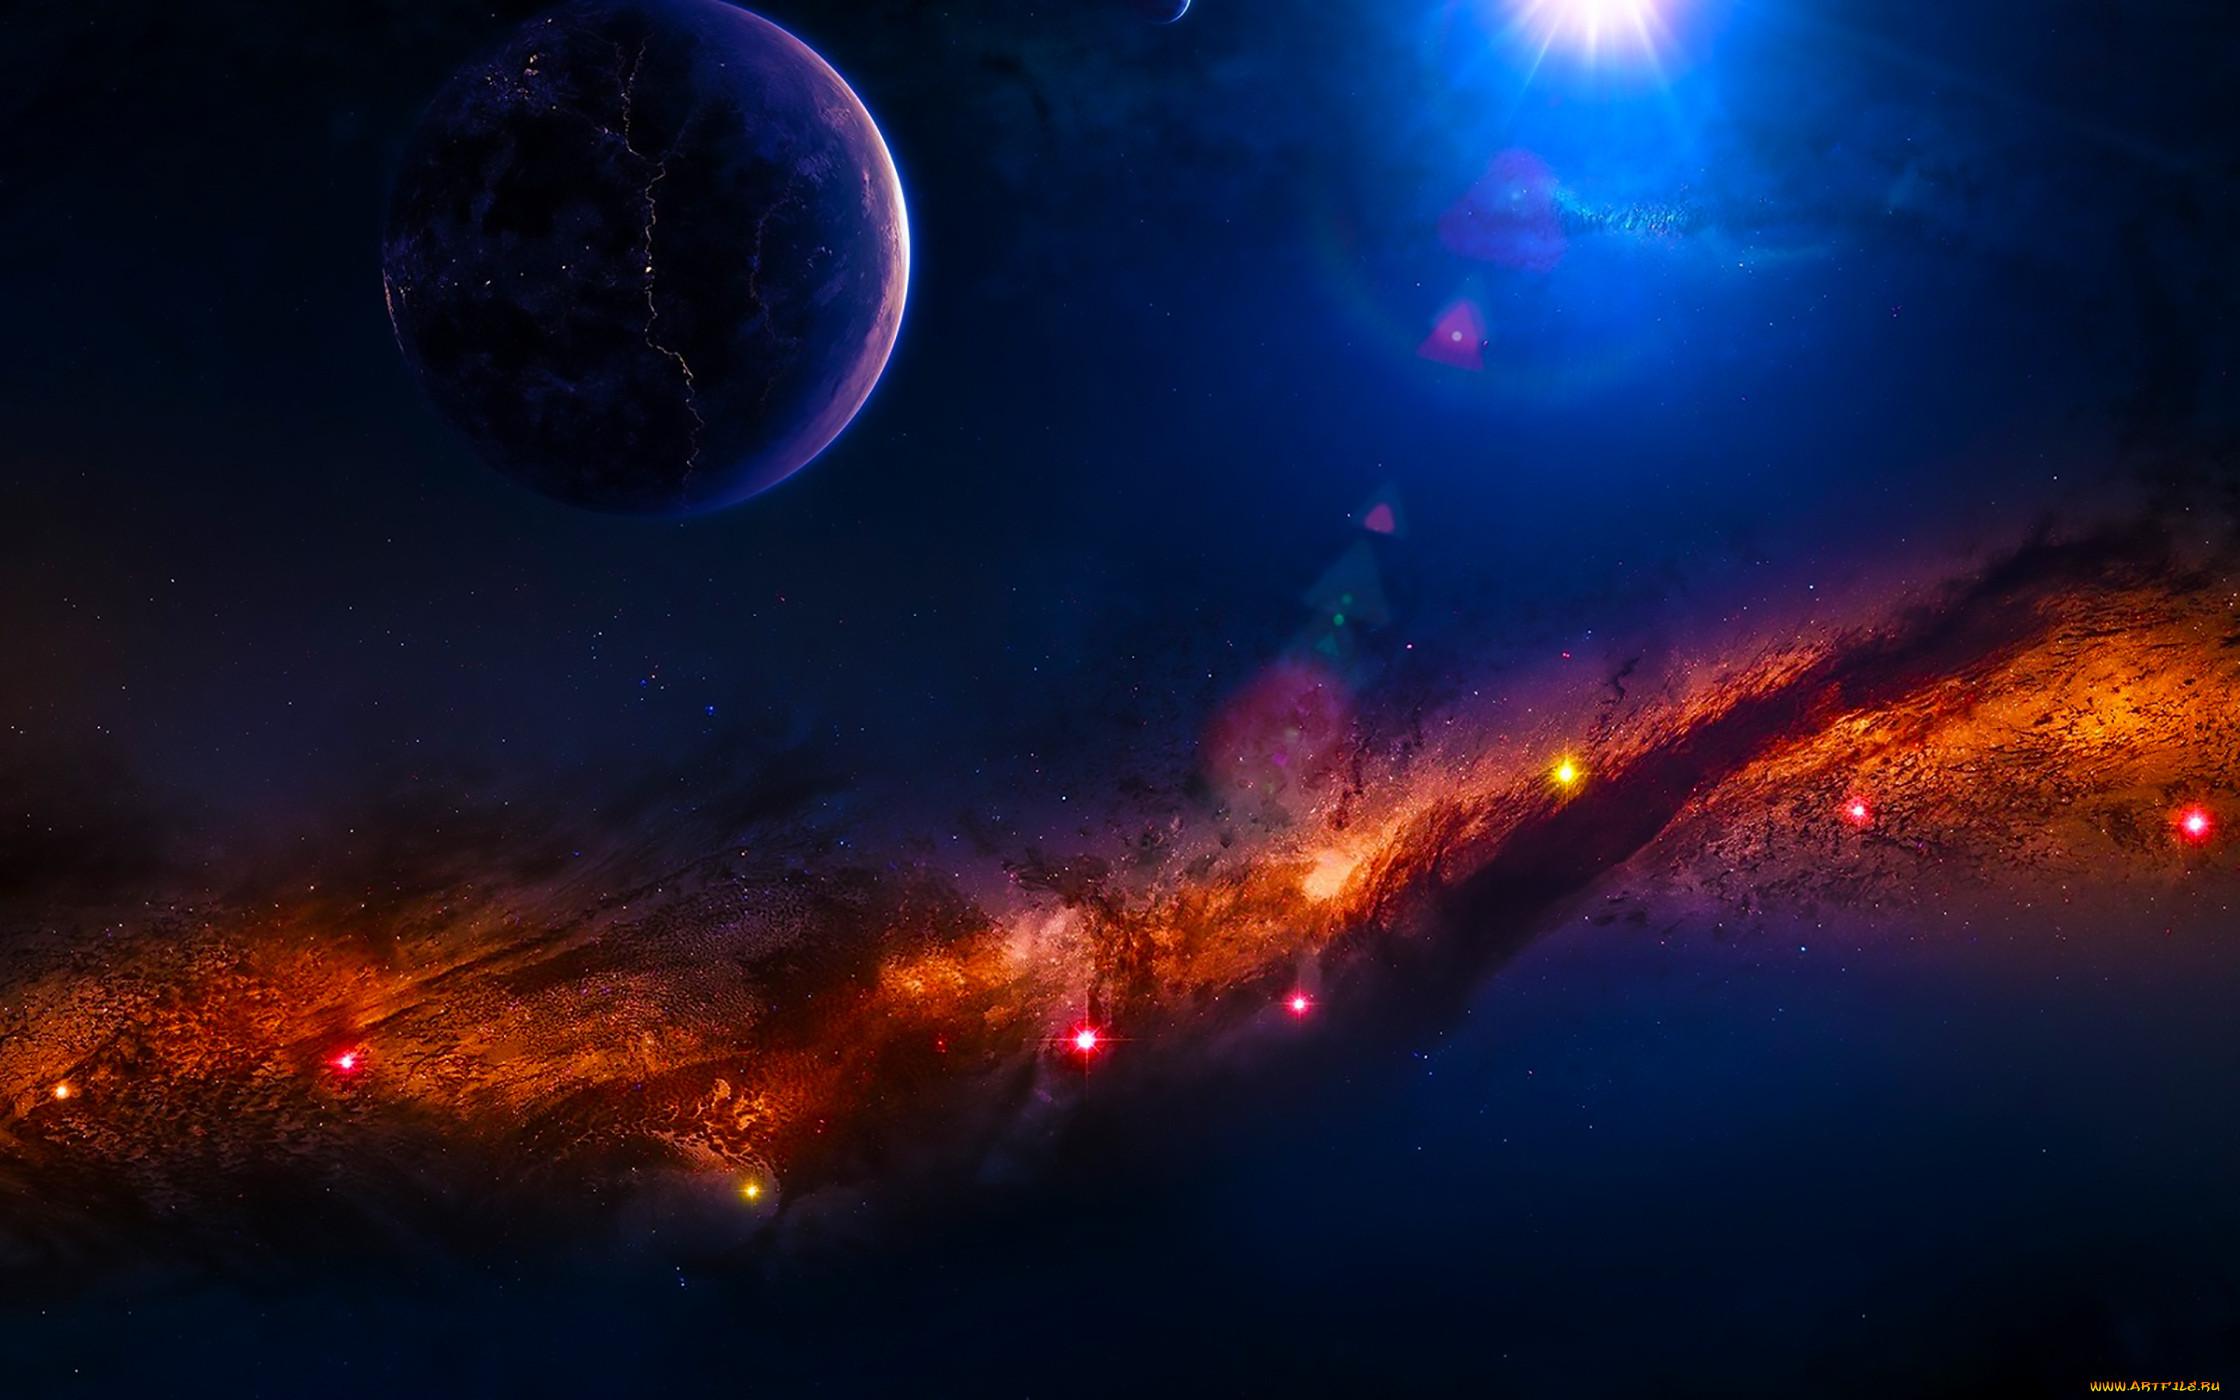 них, как красивые картинки космоса на рабочий можно разных местах